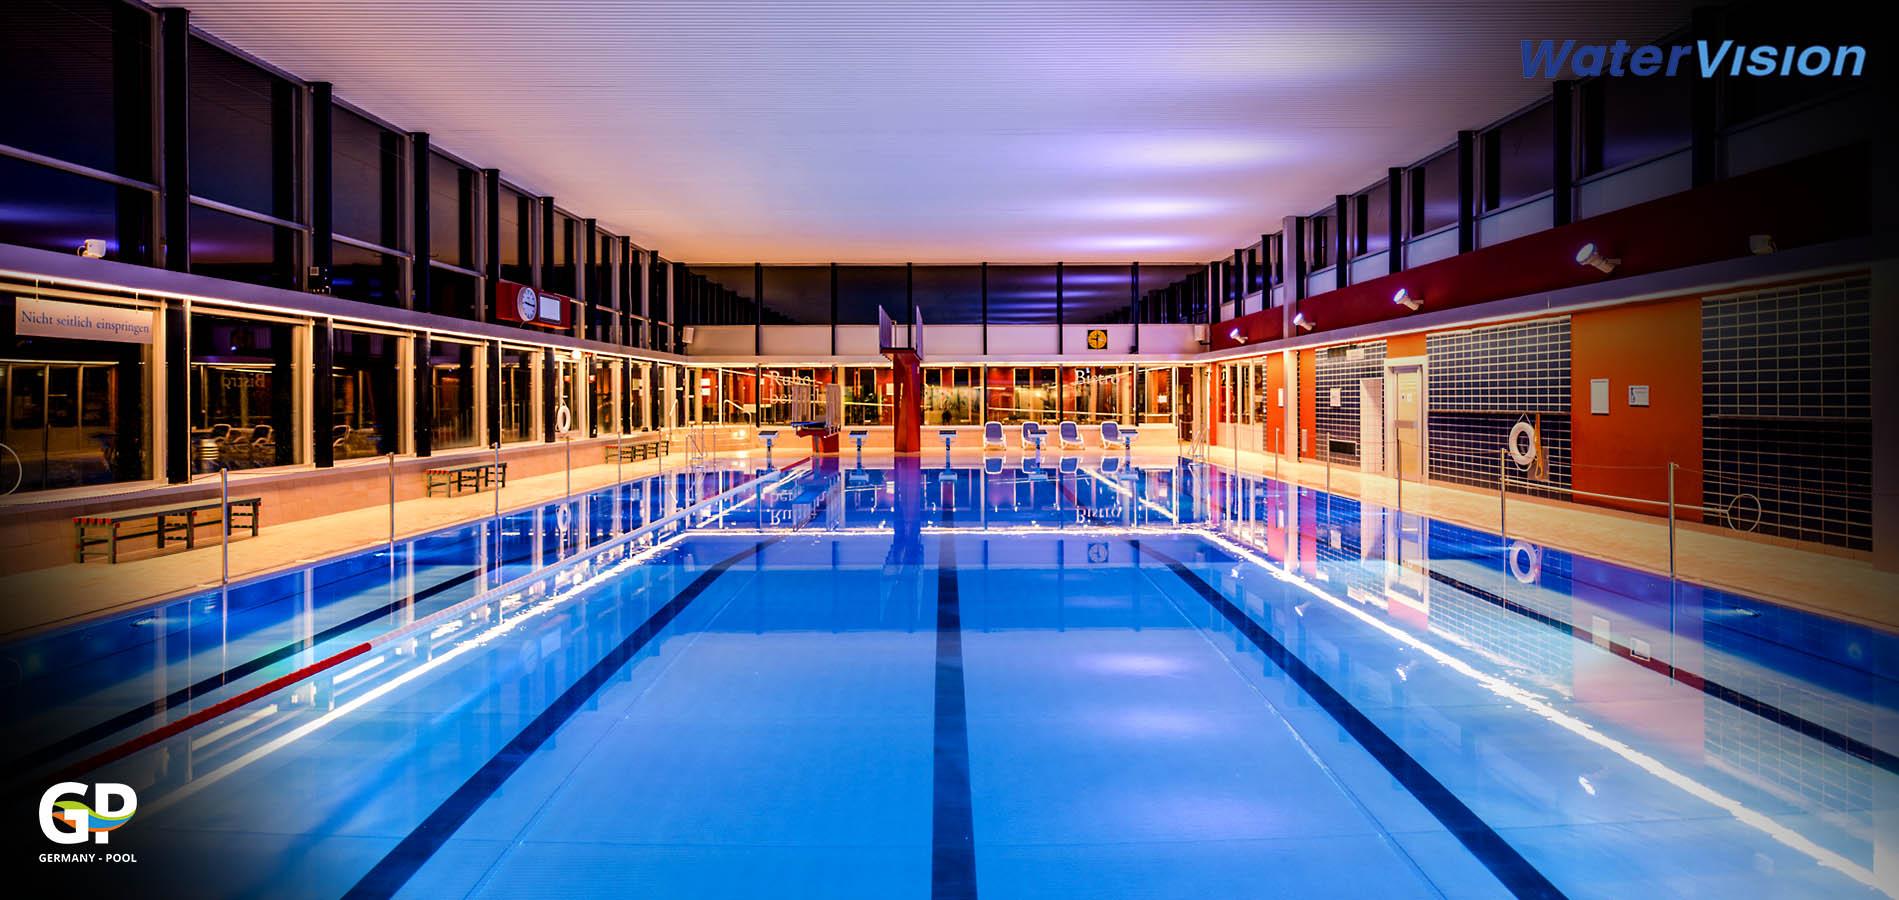 Светодиодное освещение для помещений с бассейнами 4